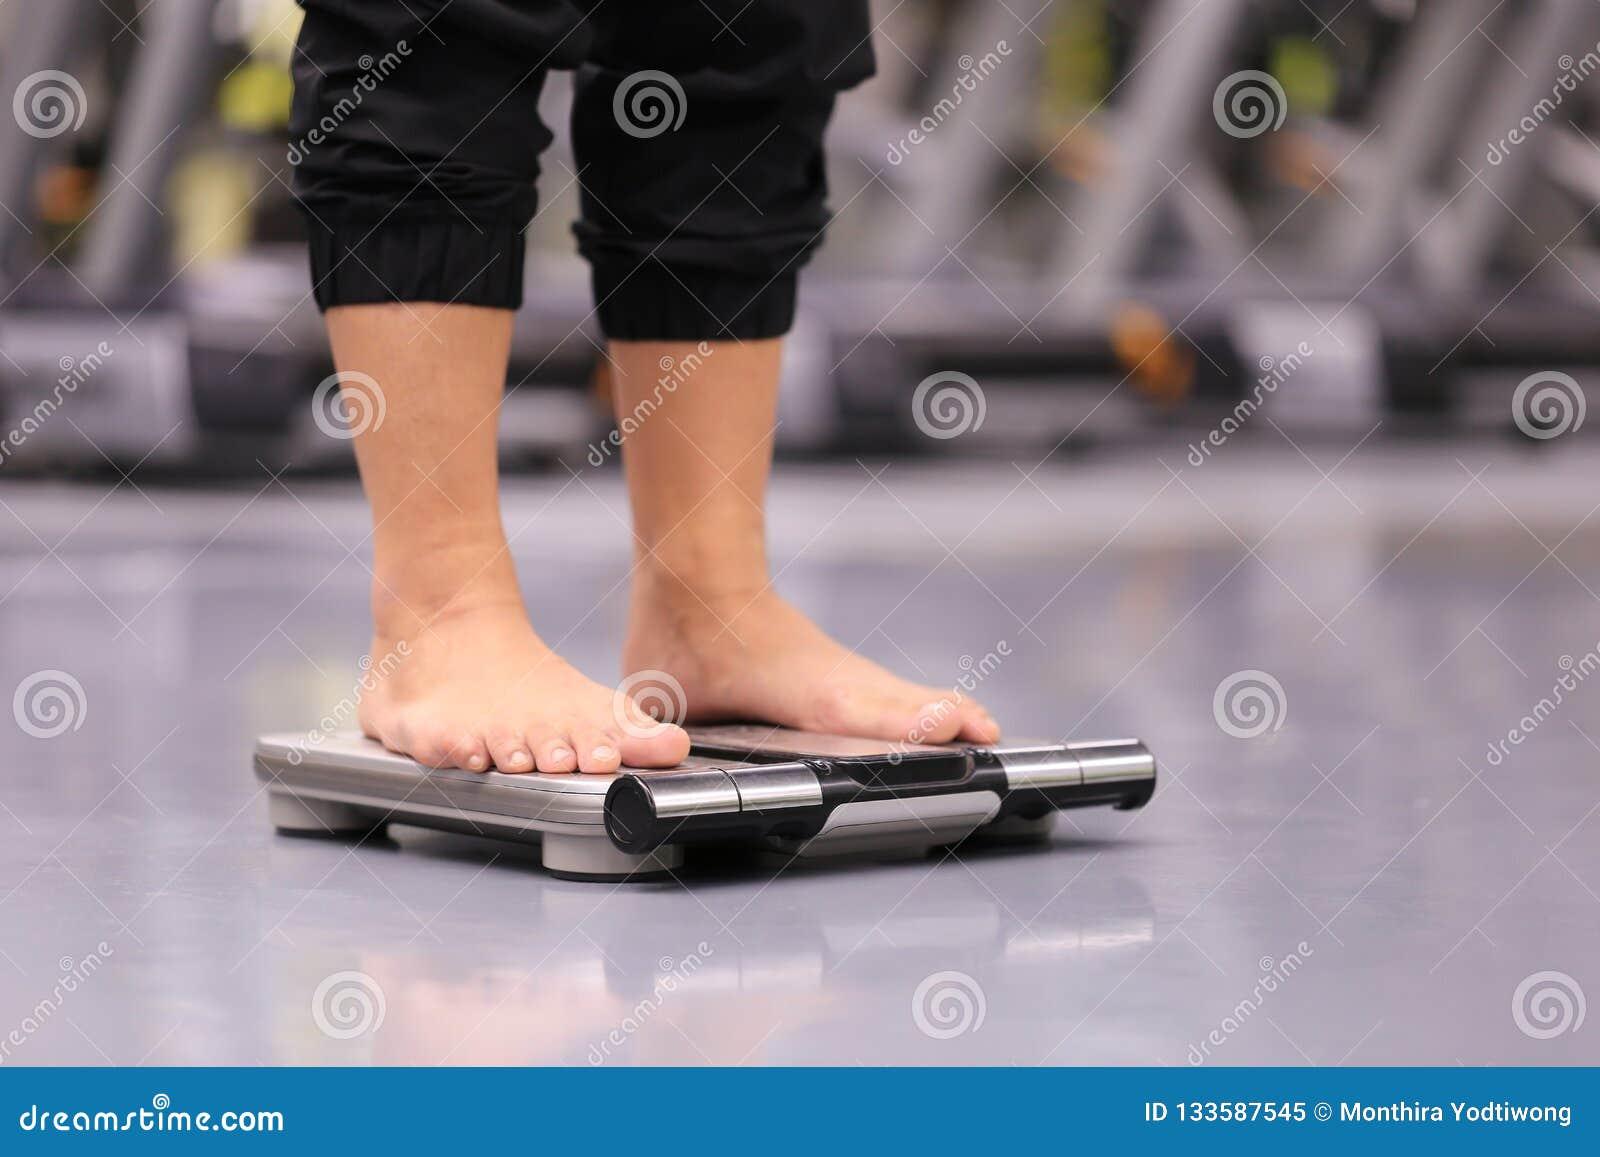 Dieta para gimnasio mujer